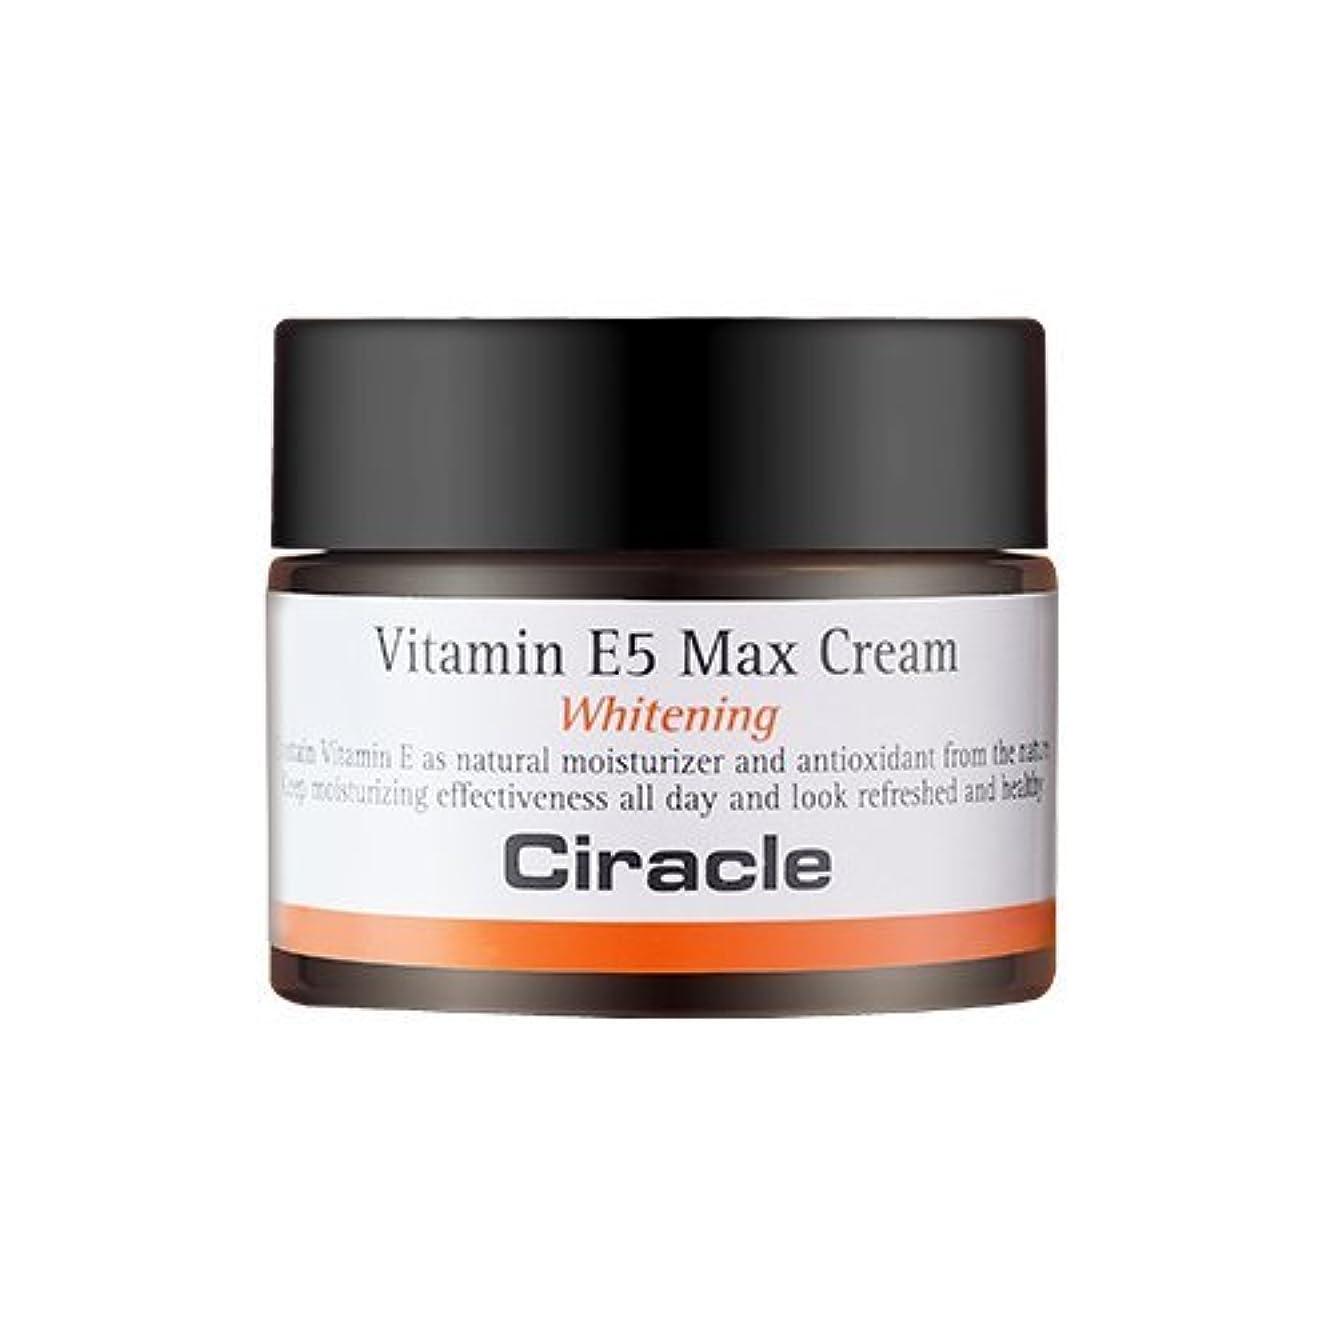 定期的に簿記係懺悔Ciracle Vitamin E5 Max Cream シラクル ビタミンE5 マックス クリーム 50ml [並行輸入品]